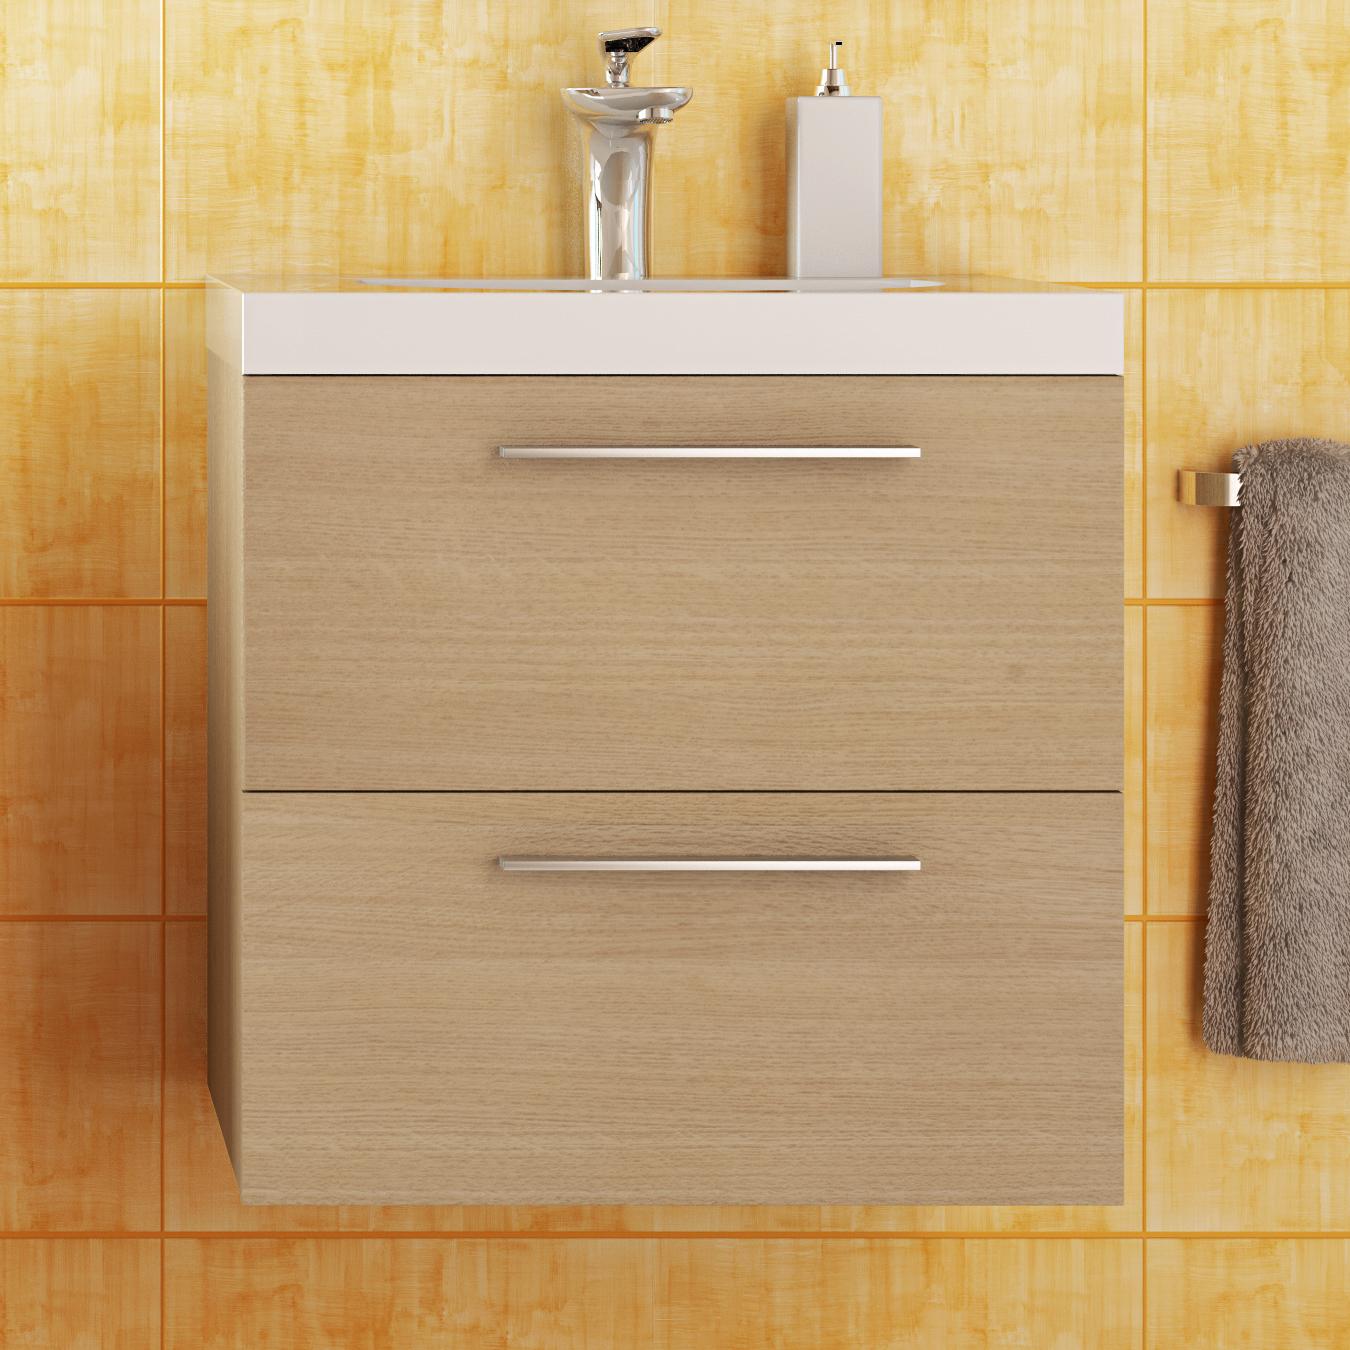 Base mobile da bagno sospeso arredo moderno design legno lavabo 4 colori 53 cm - Base mobile bagno ...